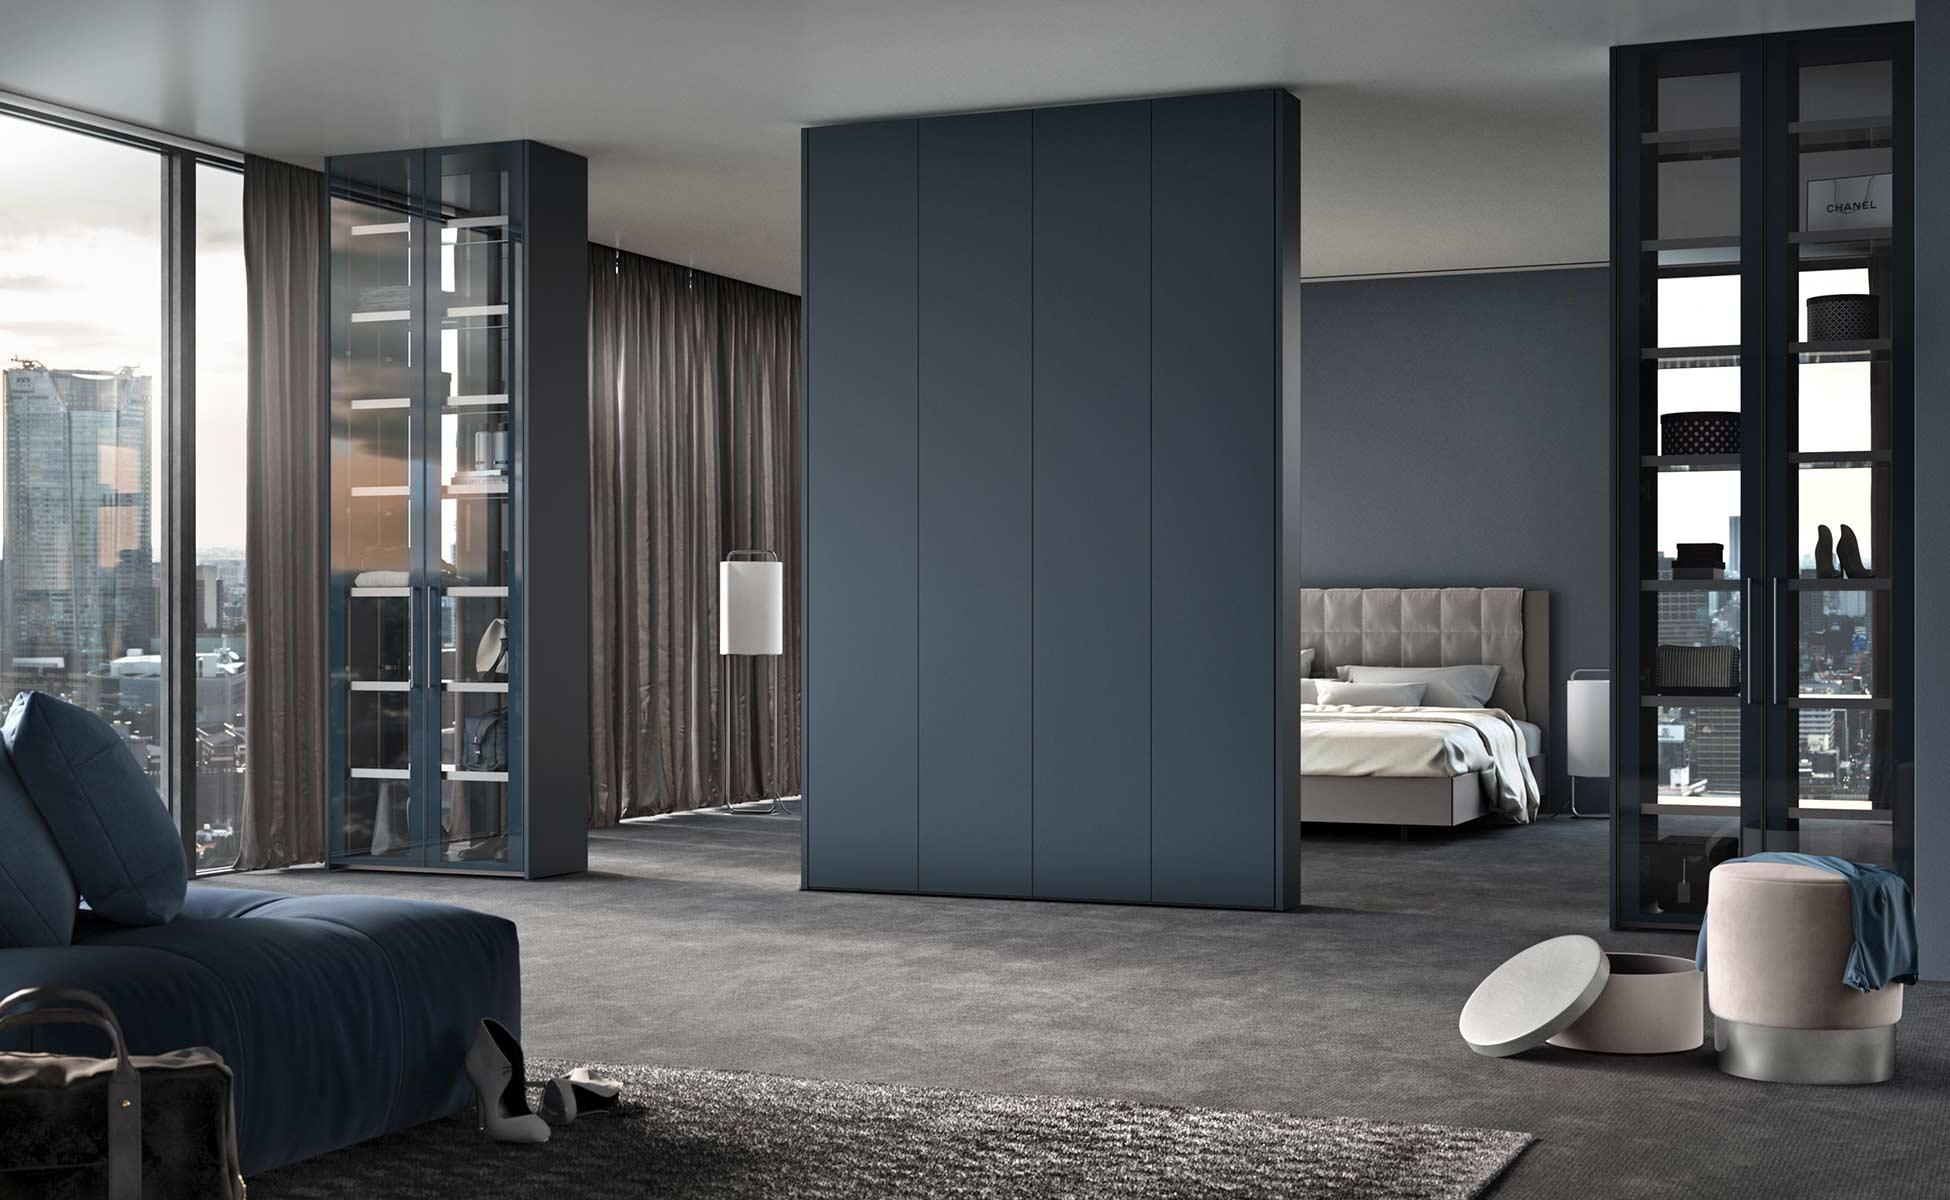 interl bke collect steidten einrichten mit architekturintelligenz. Black Bedroom Furniture Sets. Home Design Ideas